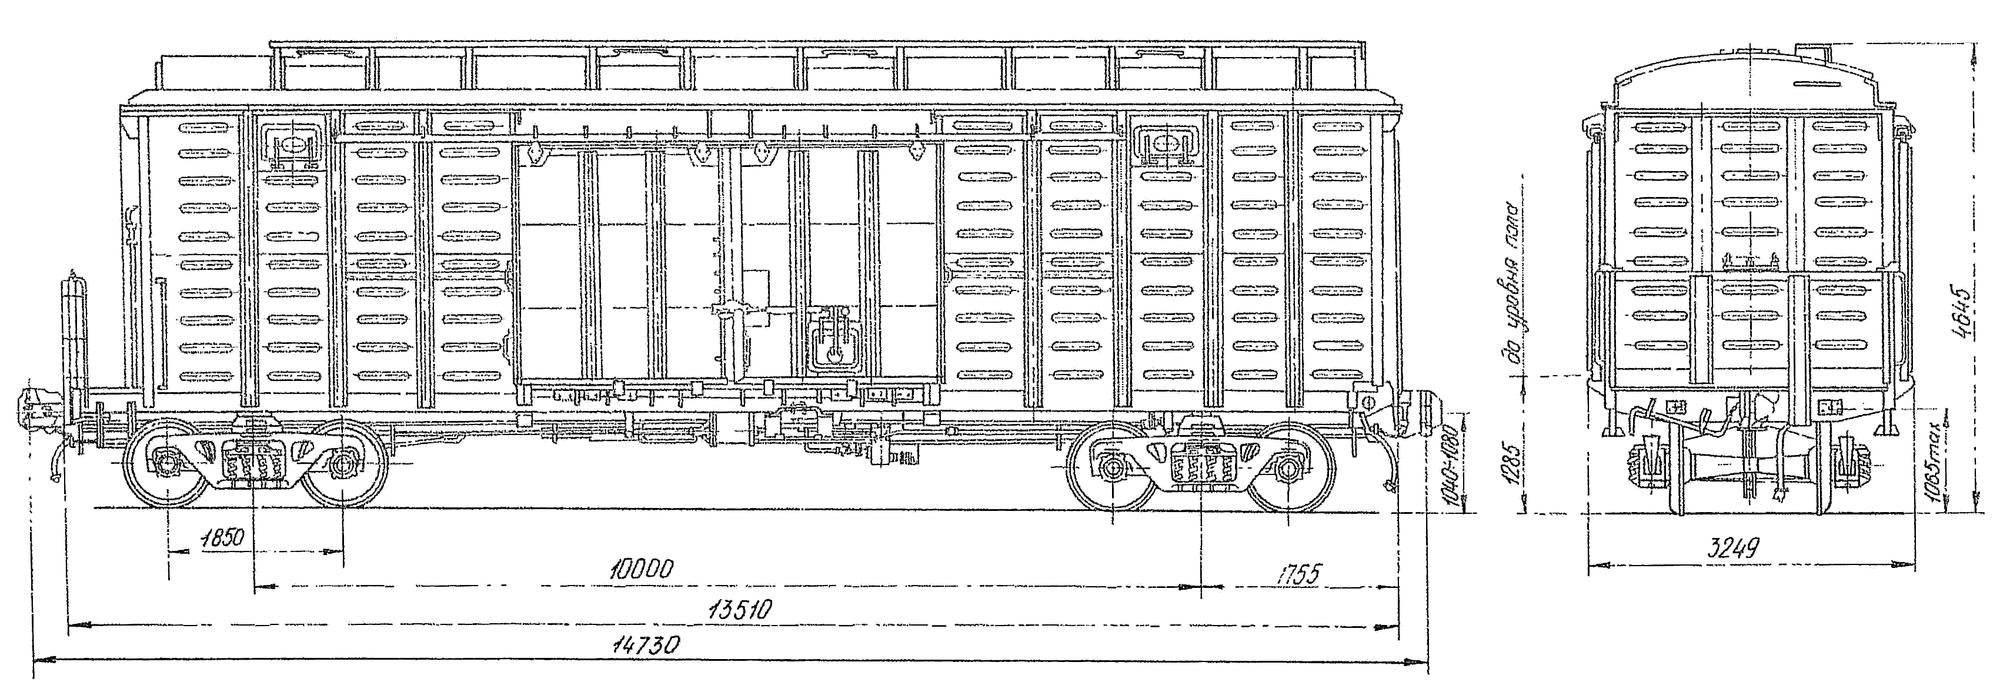 4-осный крытый цельнометаллический вагон с переходной площадкой и уширенными дверными проемами